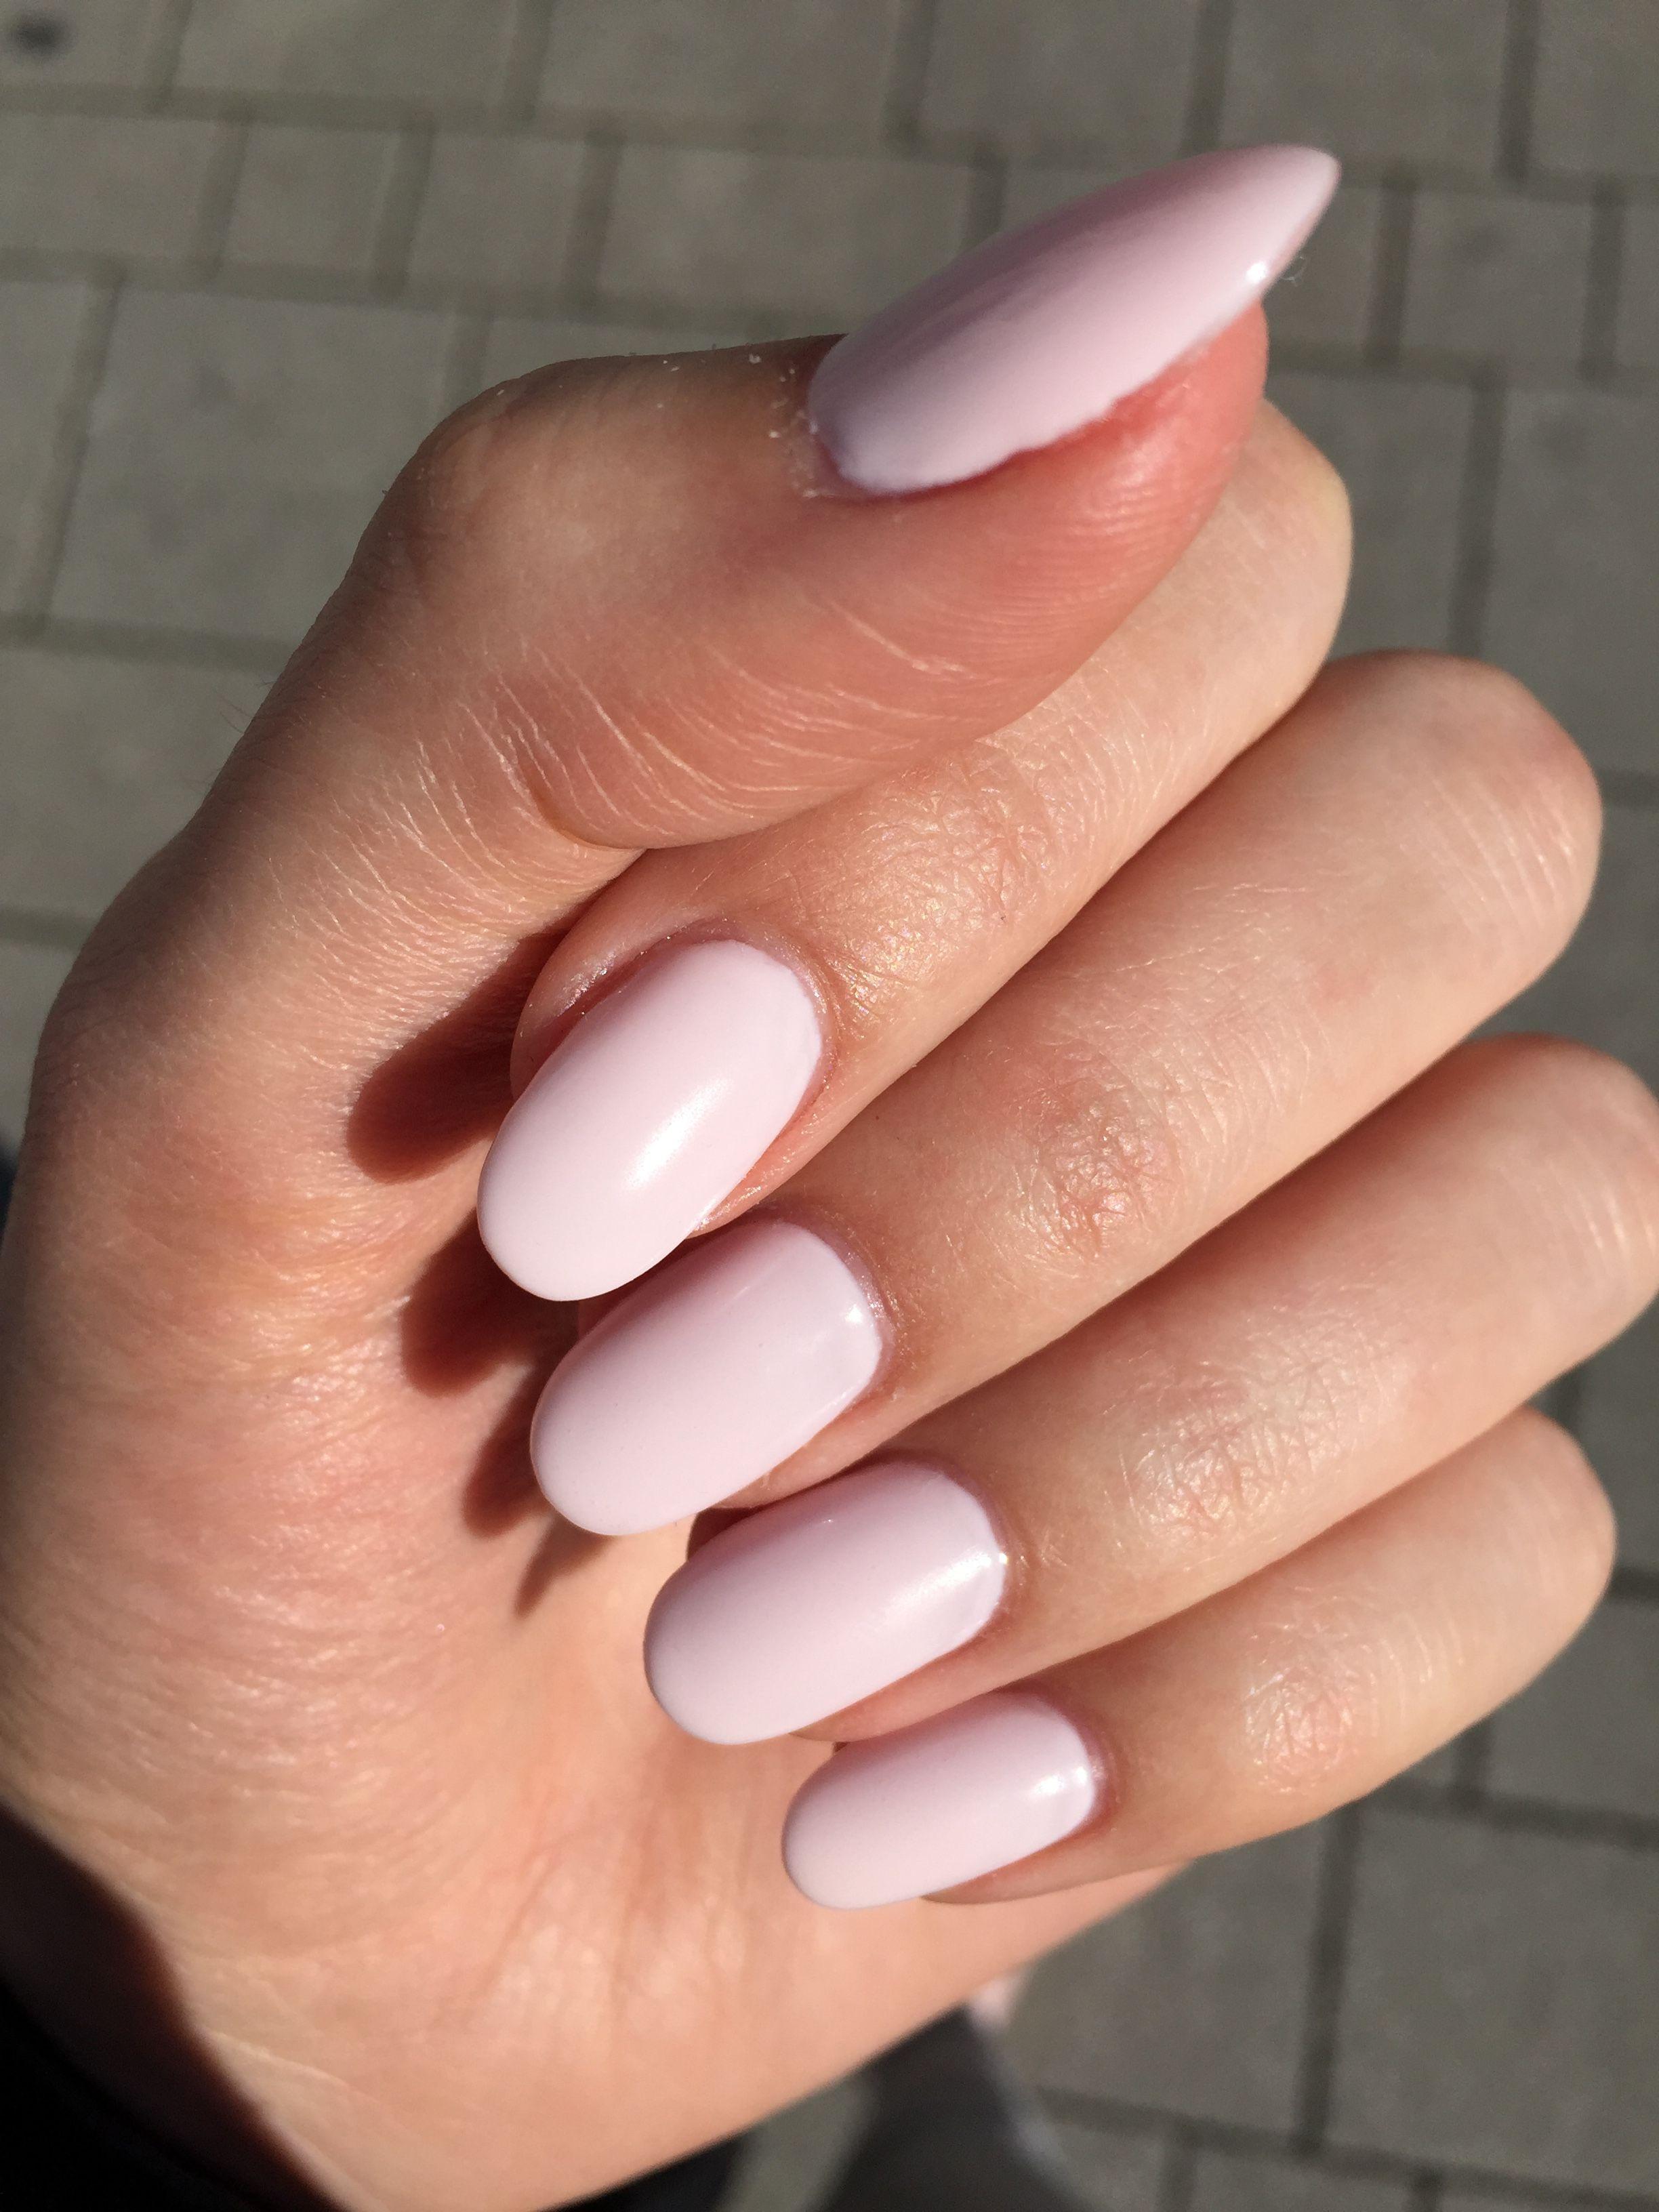 Nails Rose Nails Light Pink Short Nails Round Whitepink Pink Nail Colors Rose Nails Pink Nails